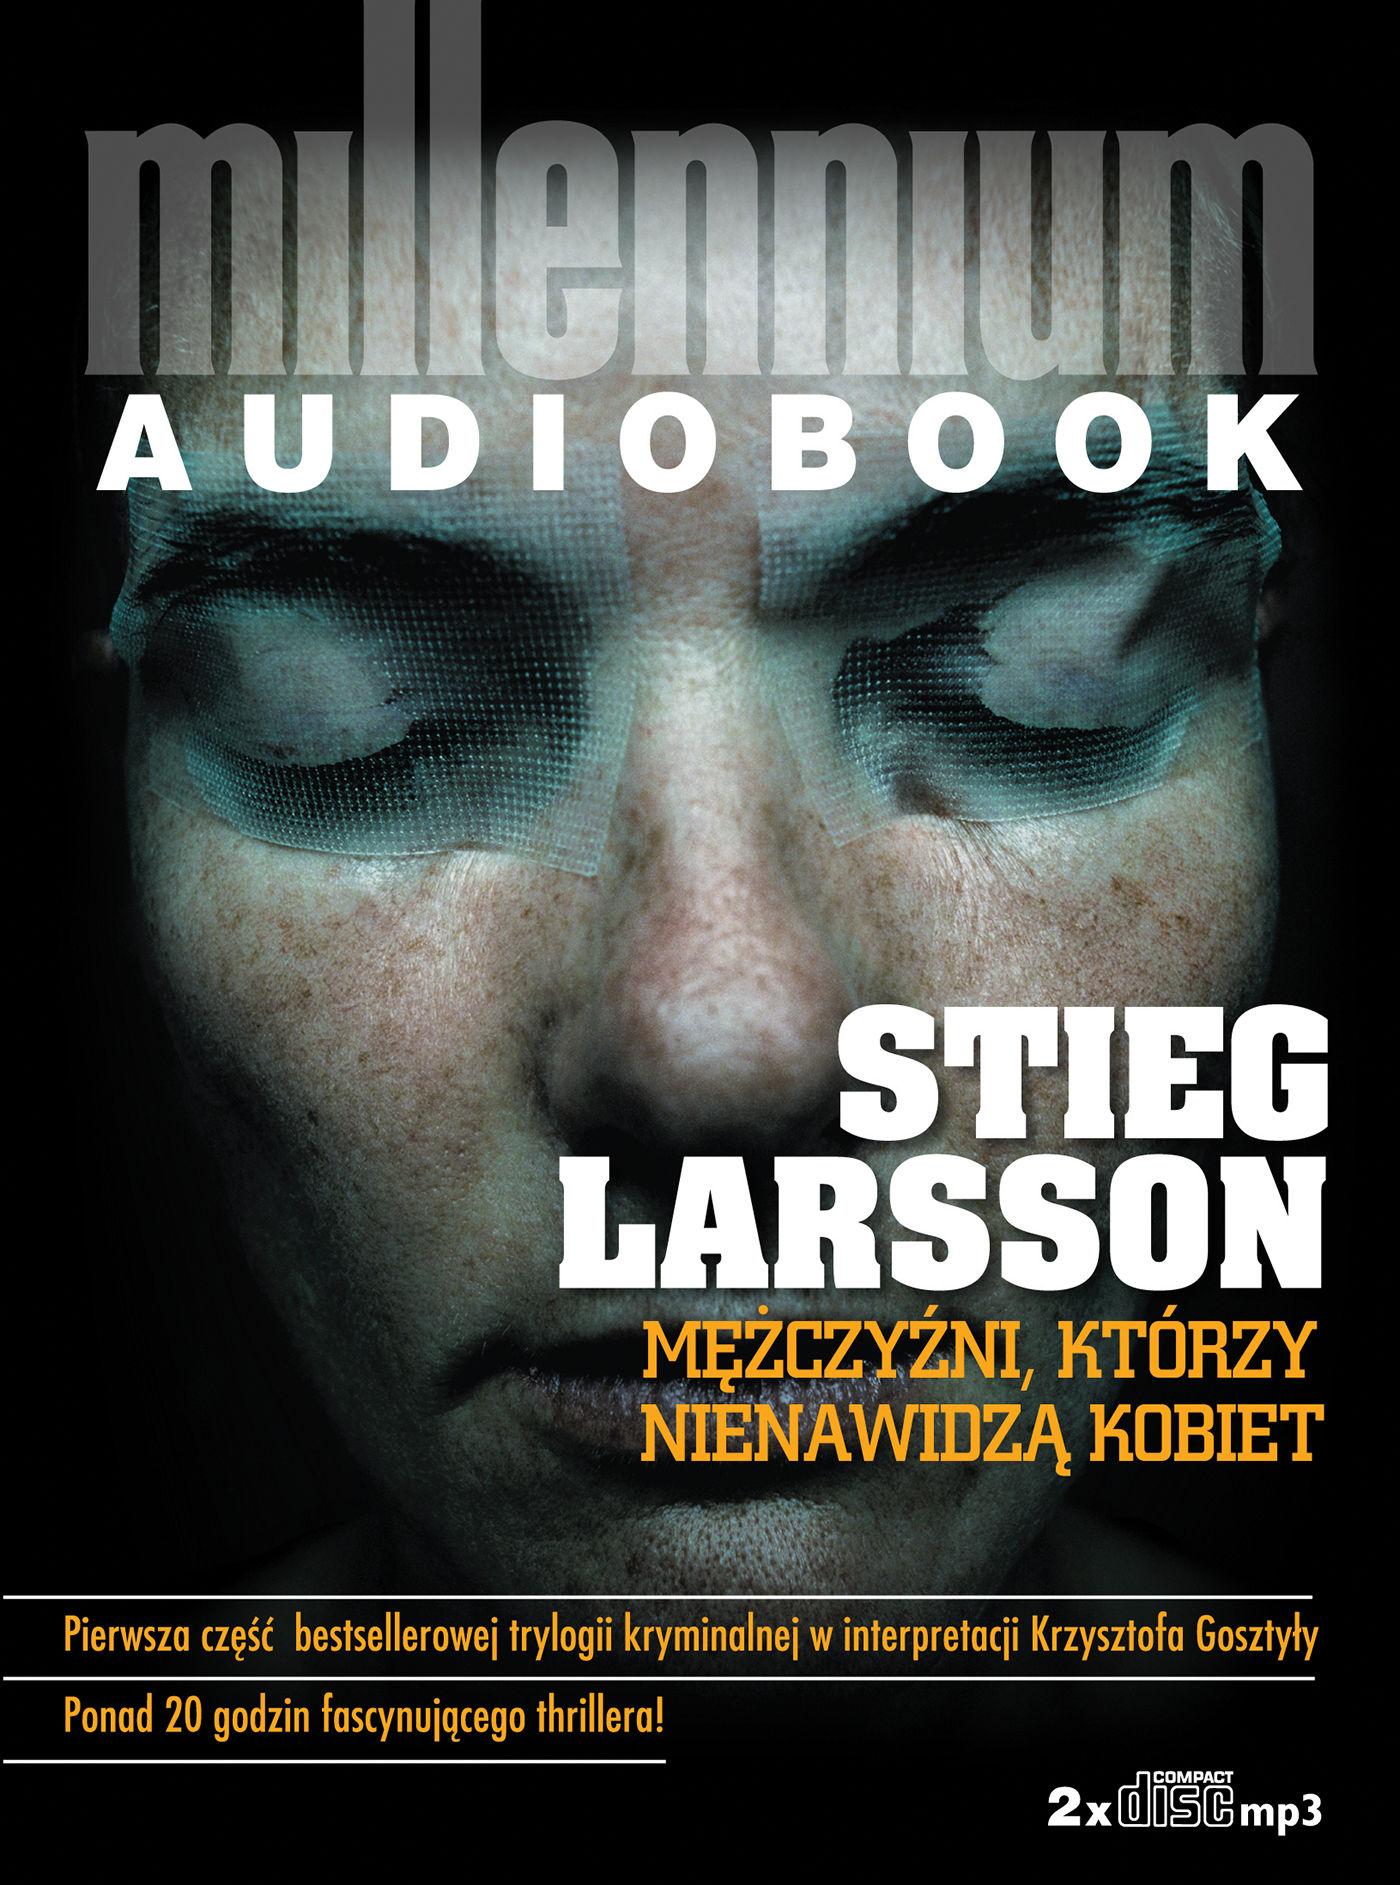 Mężczyźni, którzy nienawidzą kobiet - Stieg Larsson - audiobook